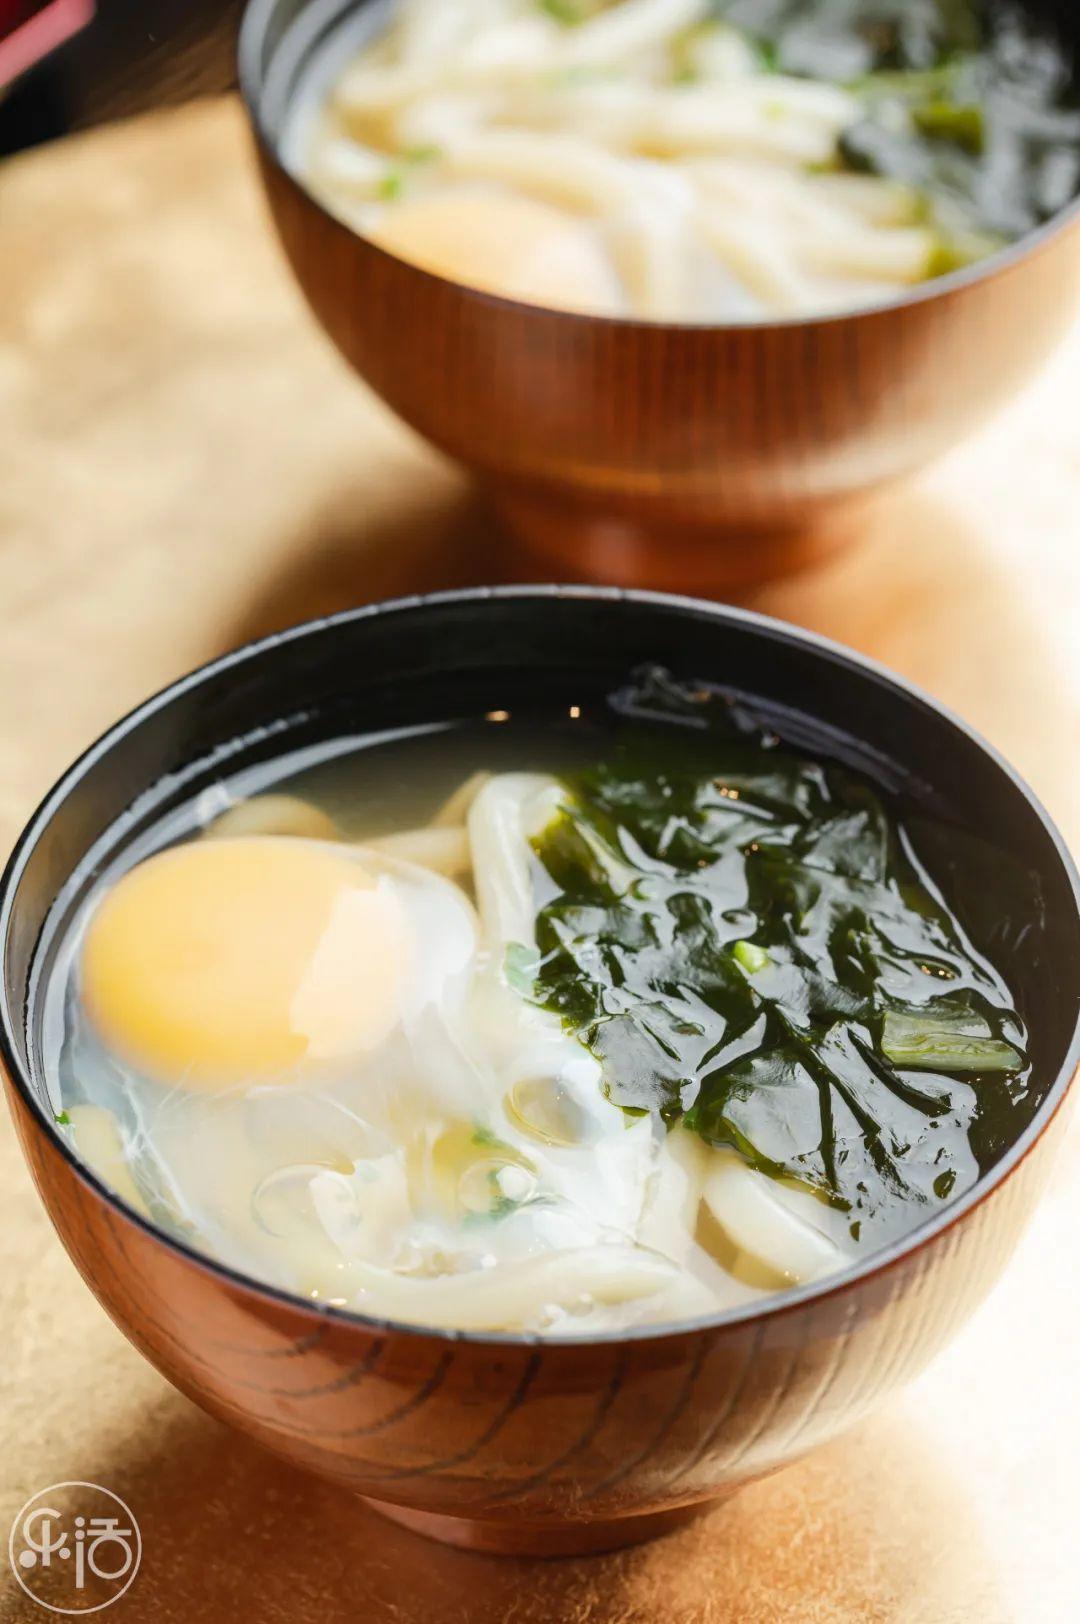 全杭州Zui大的会席料理店来袭!人均600元就能体验到的Top级日料,来自日本饮食文化的上等名流之选!(图57)